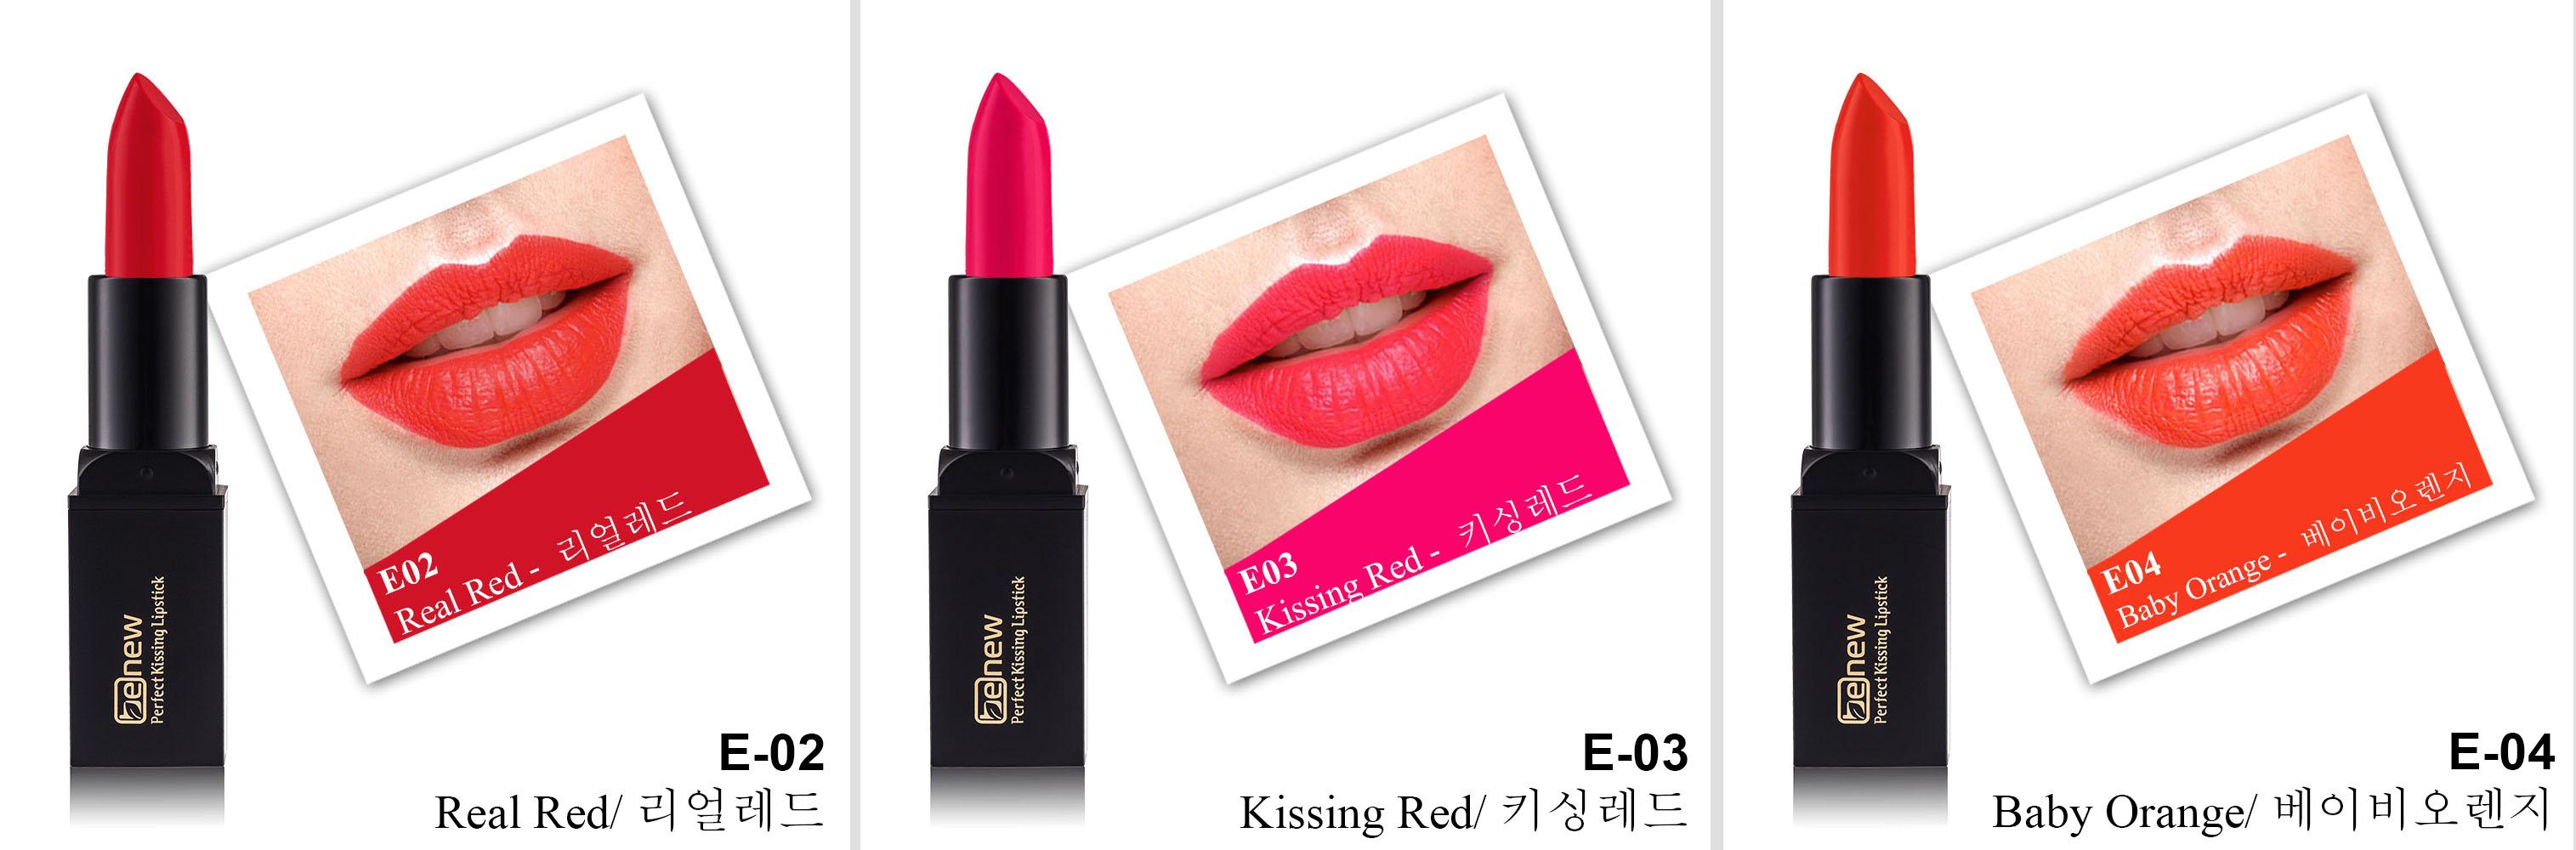 Son lì dưỡng, siêu mềm mượt Benew Perfect Kissing Hàn Quốc 3.5g E02 Real Red tặng kèm móc khóa